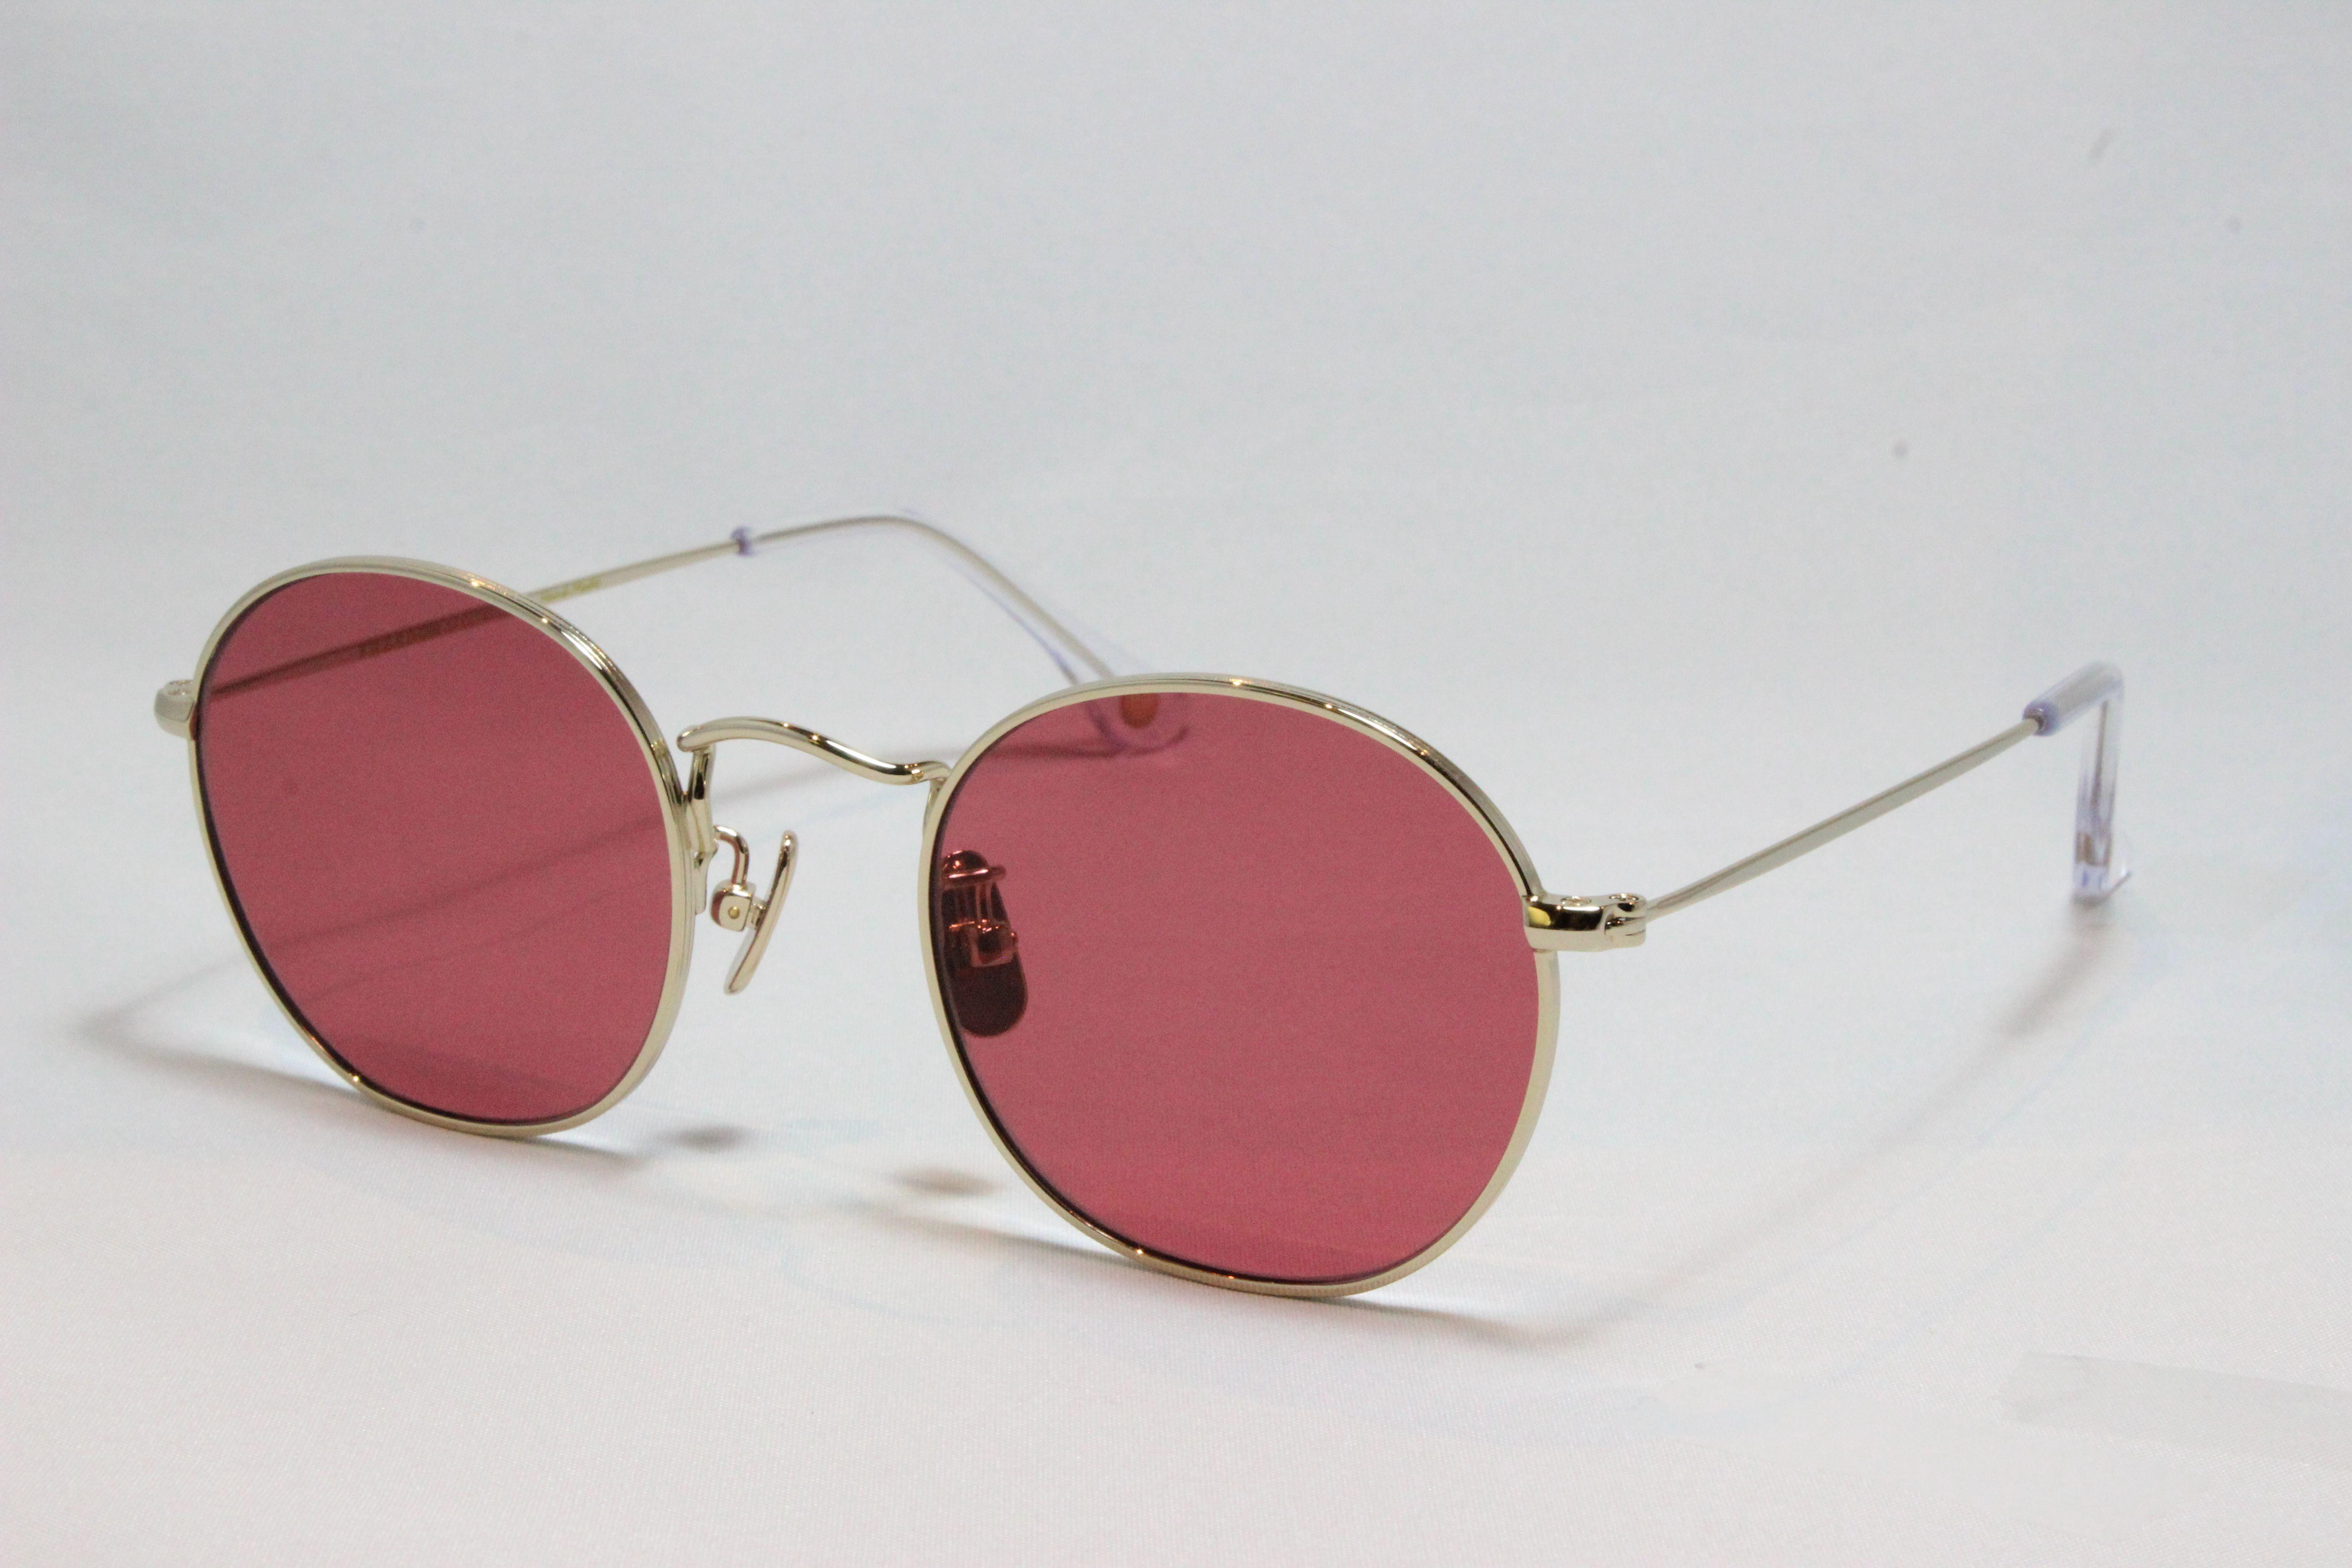 フリーダム スペクタクルス ロペス サングラス ゴールド メタル FREEDOM SPECTACLES LOPEZ (Gold/Red-Lens)